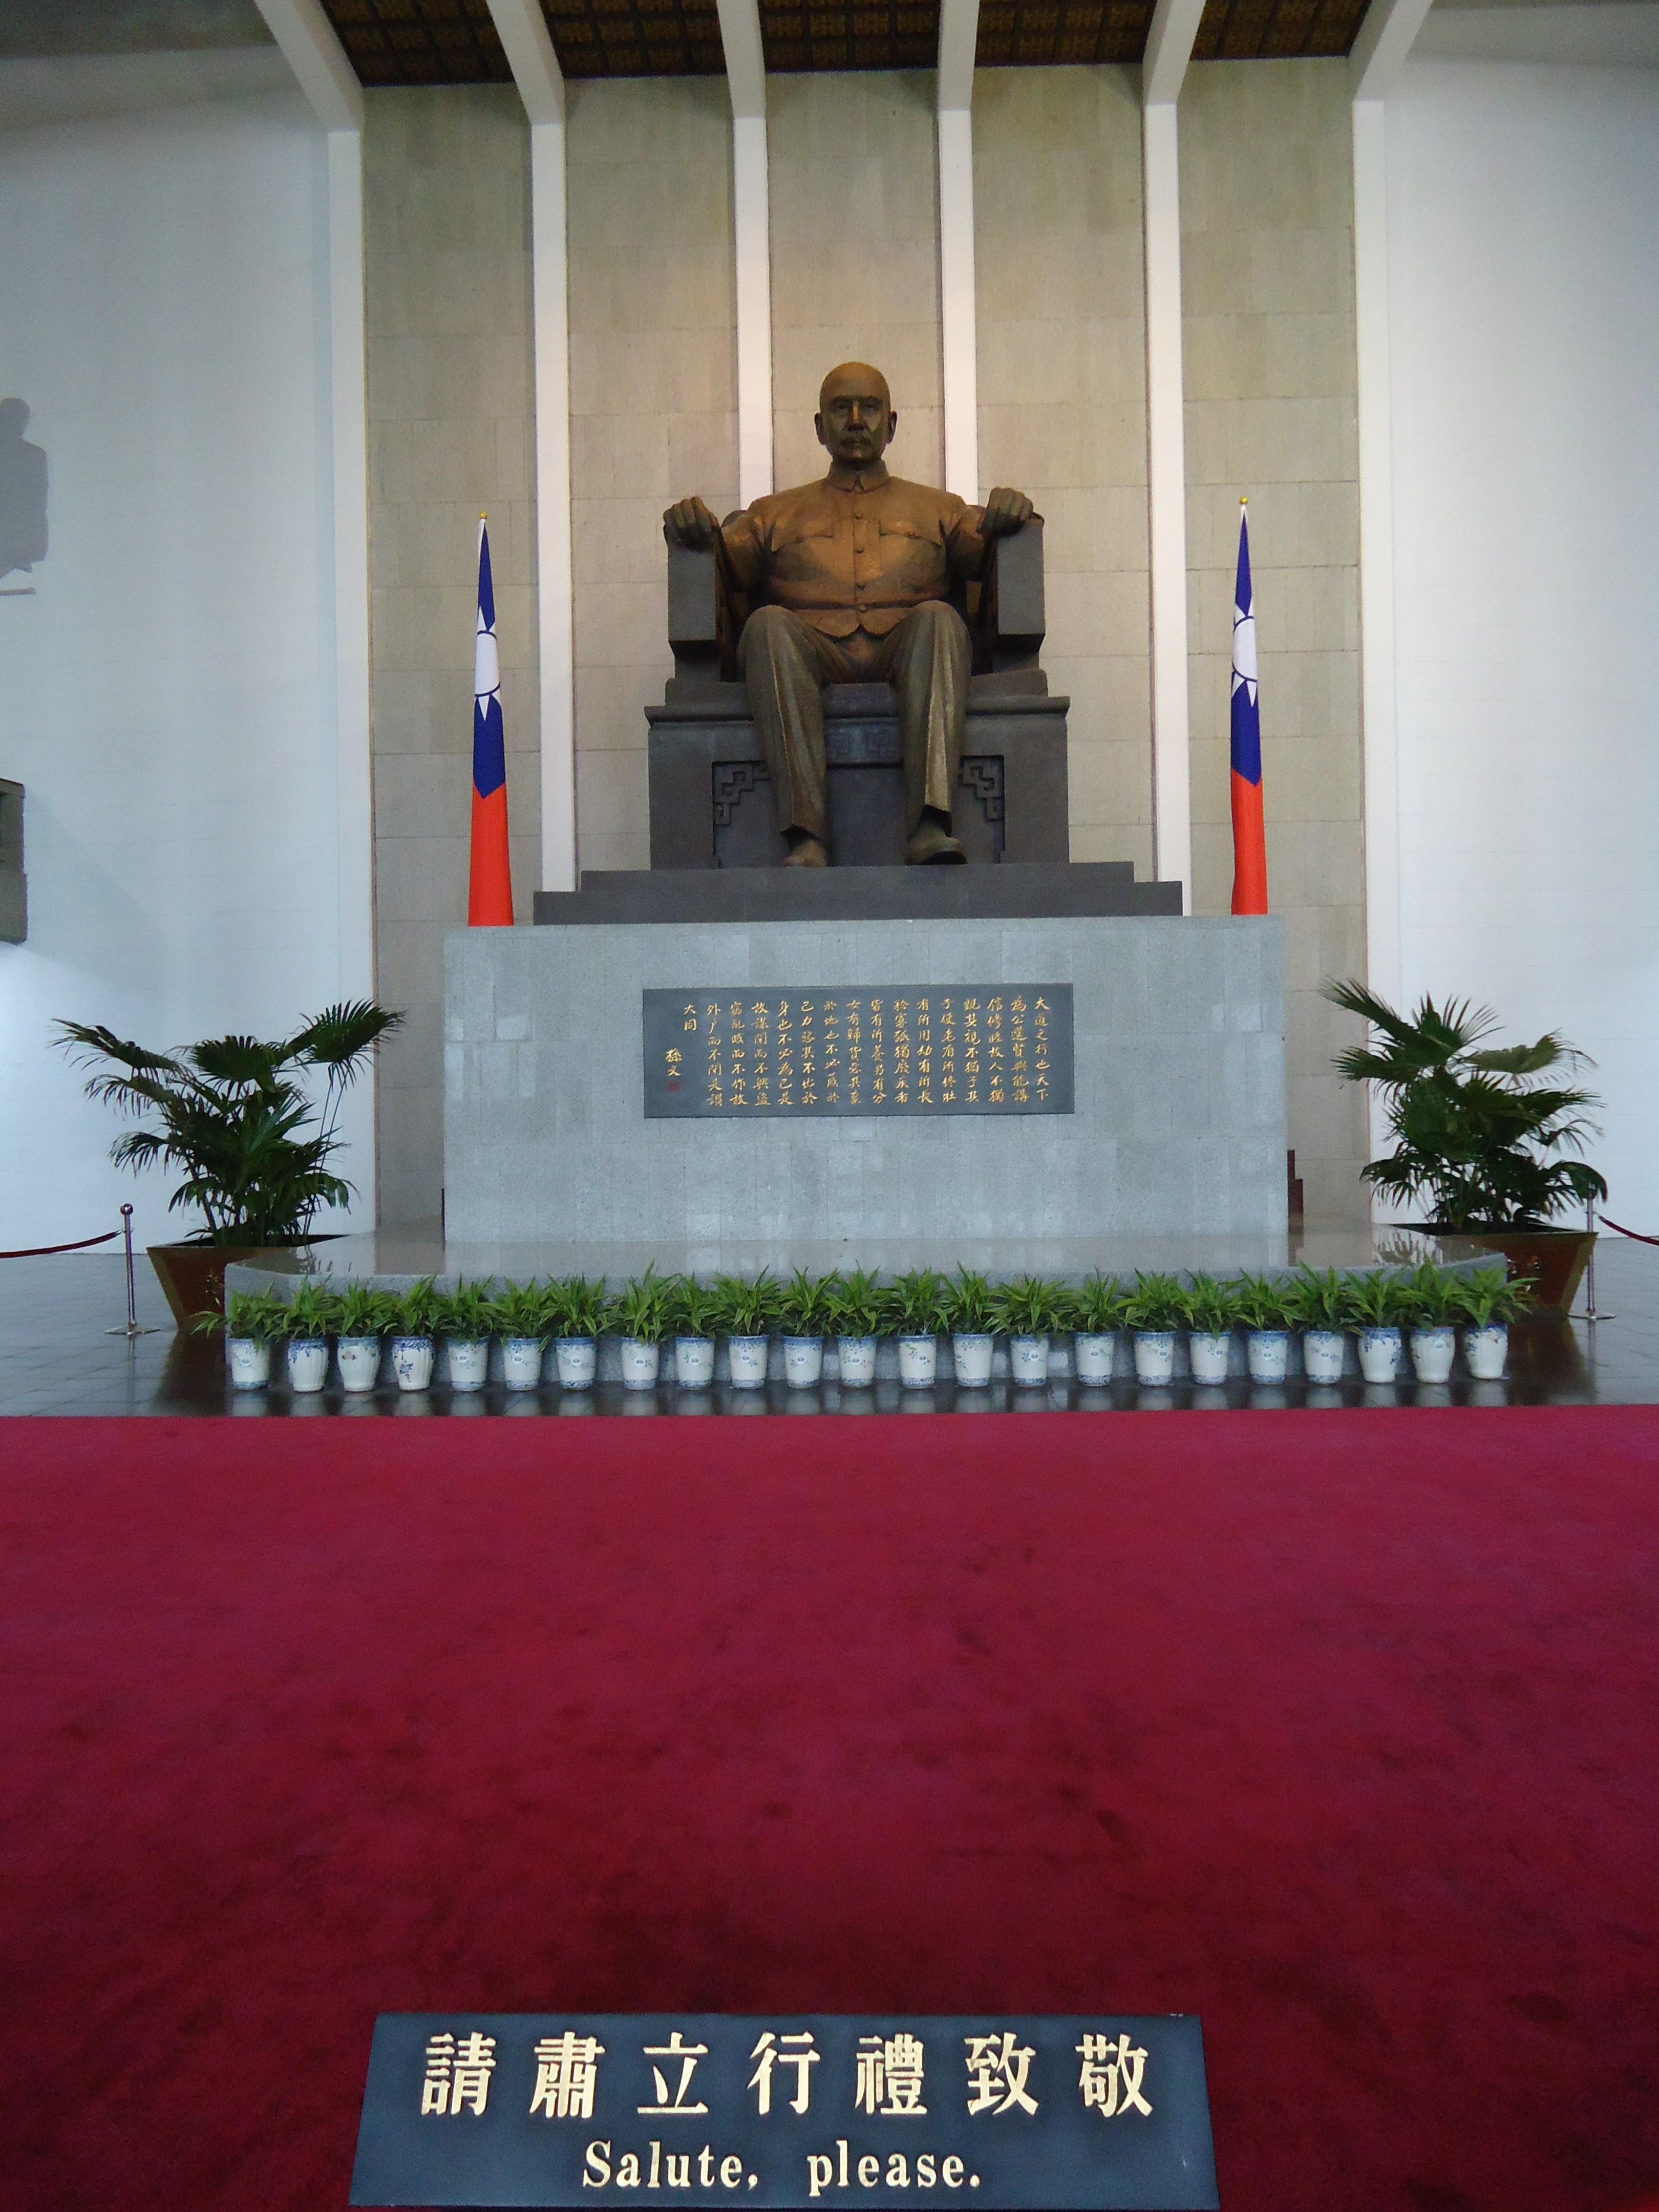 Sun Yat Sen, Taiwan